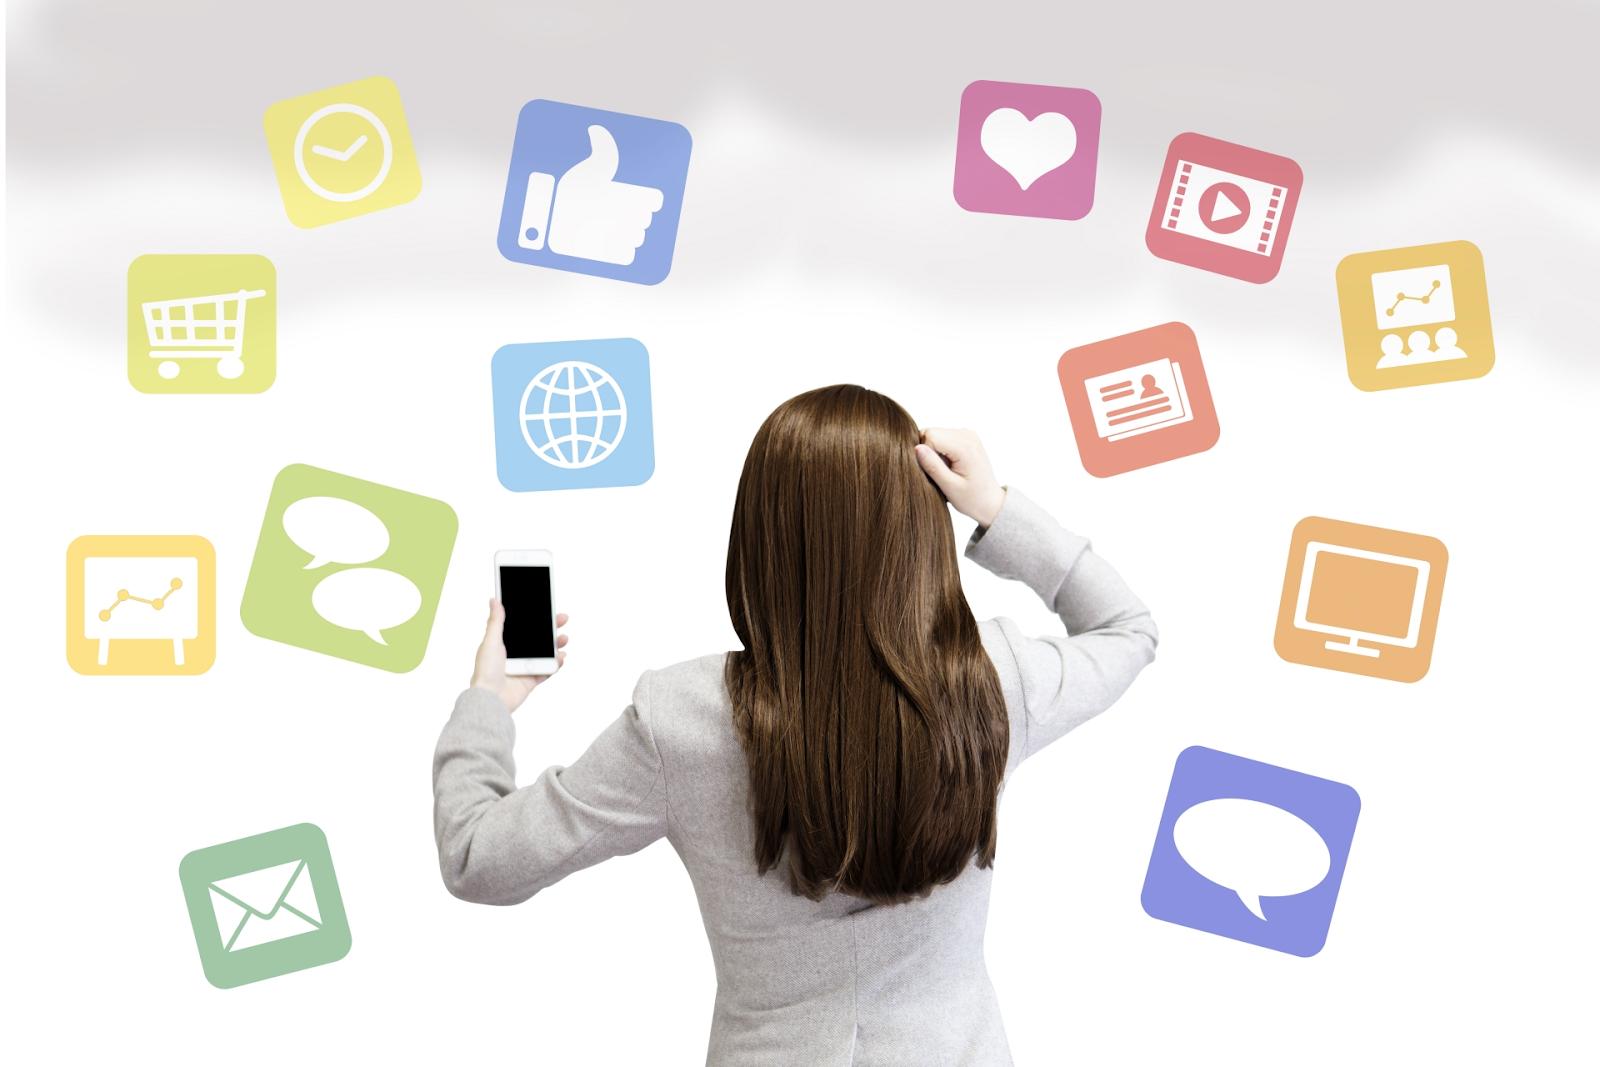 デジタル時代の消費行動の変化